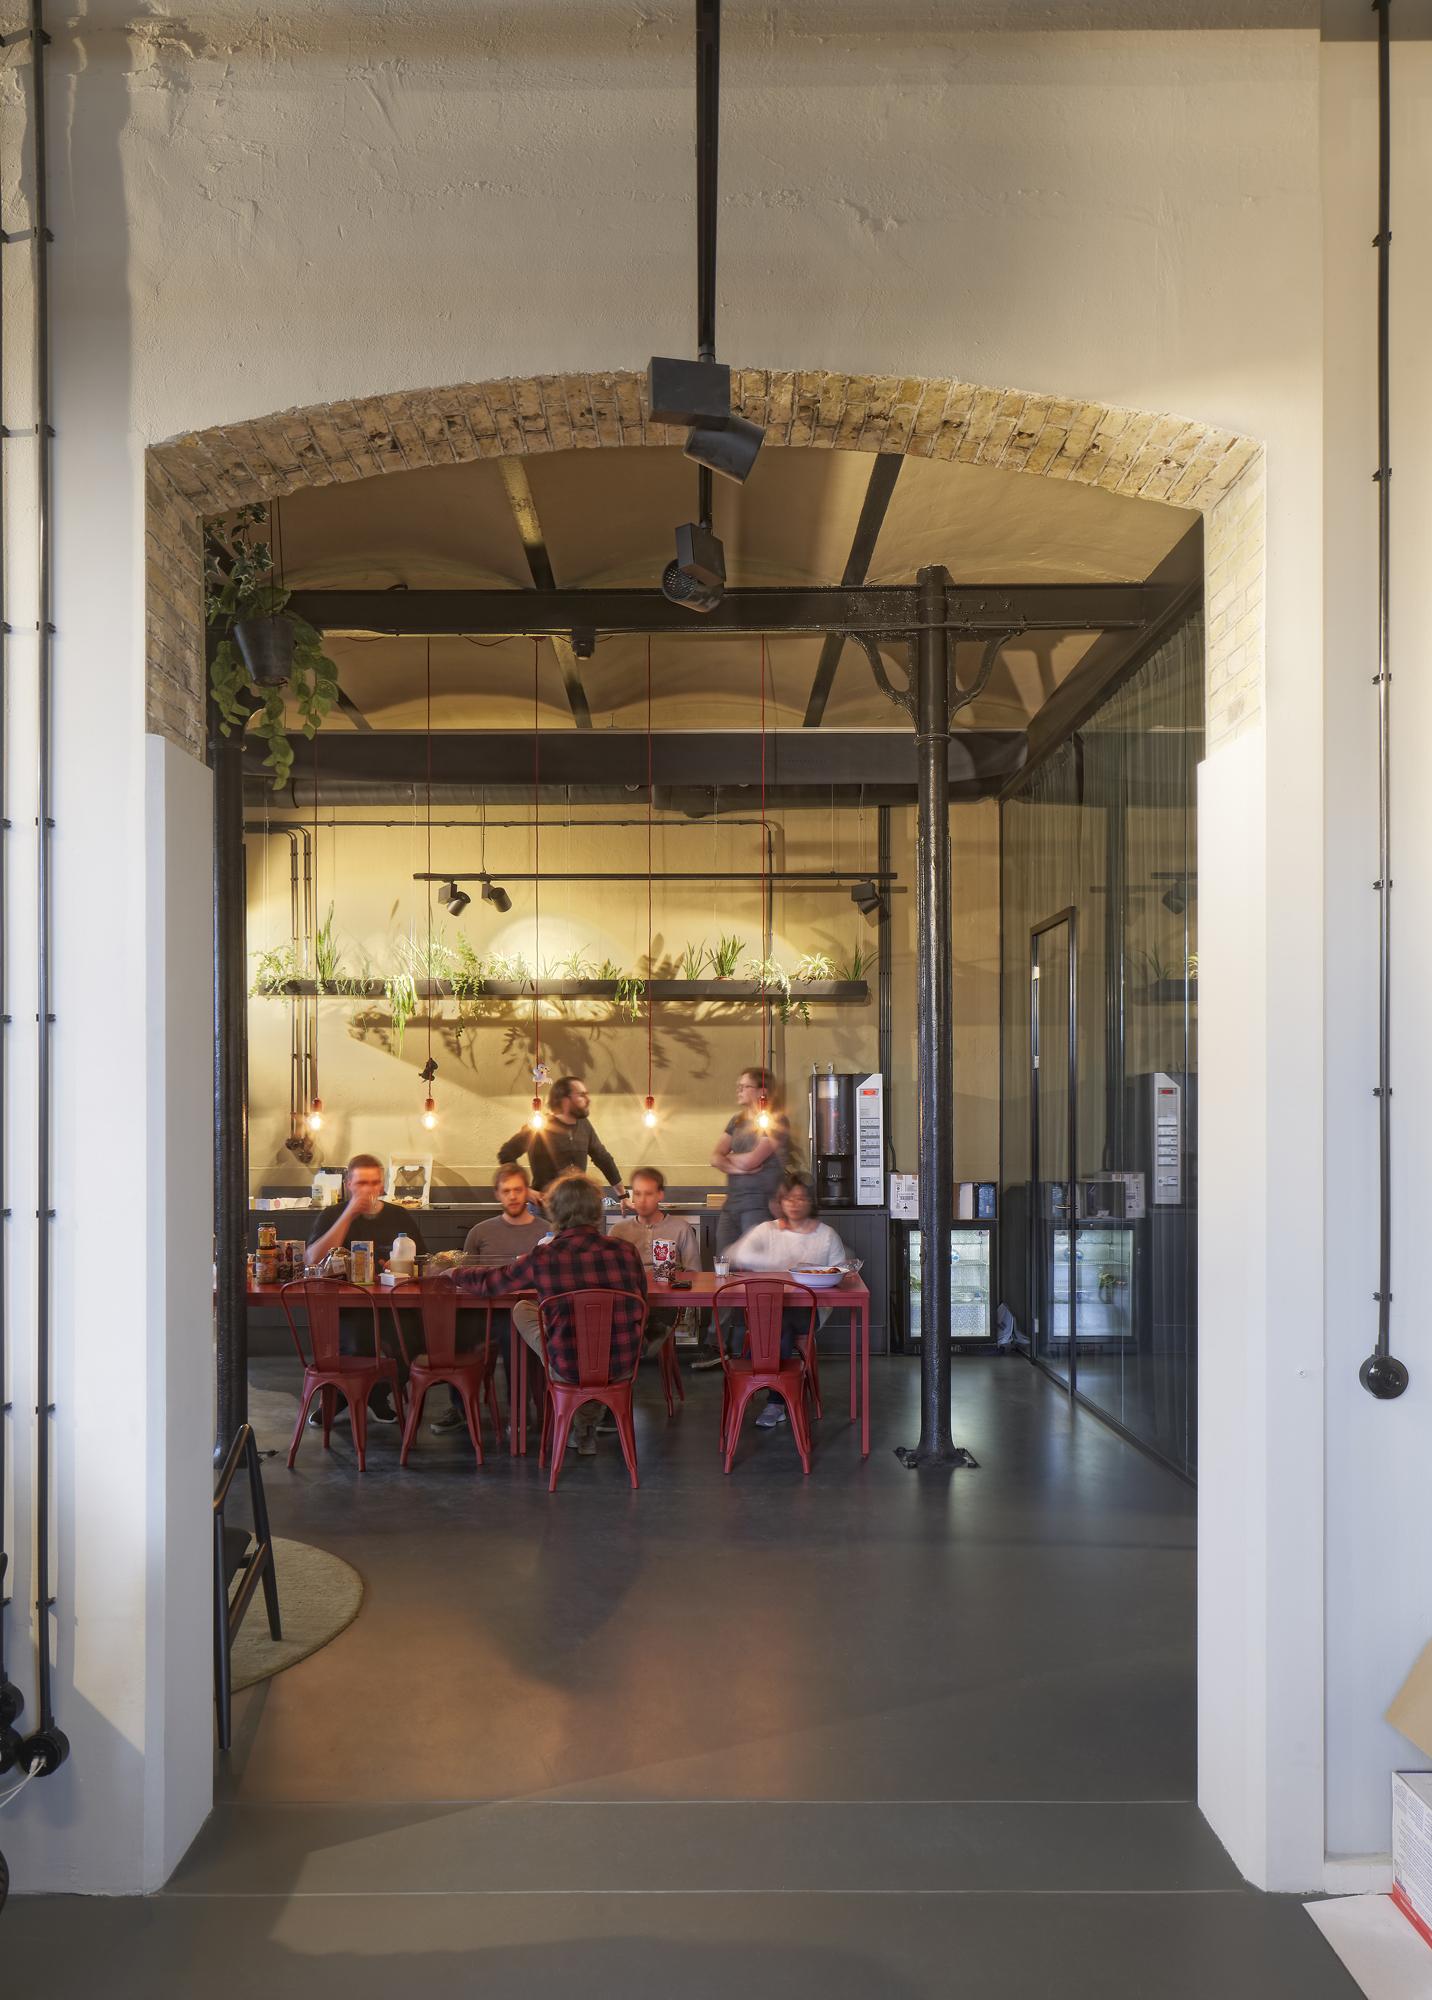 <p>De Blokhuispoort, creatieve bedrijven in het alcovengebouw, foto: Gerard van Beek</p>